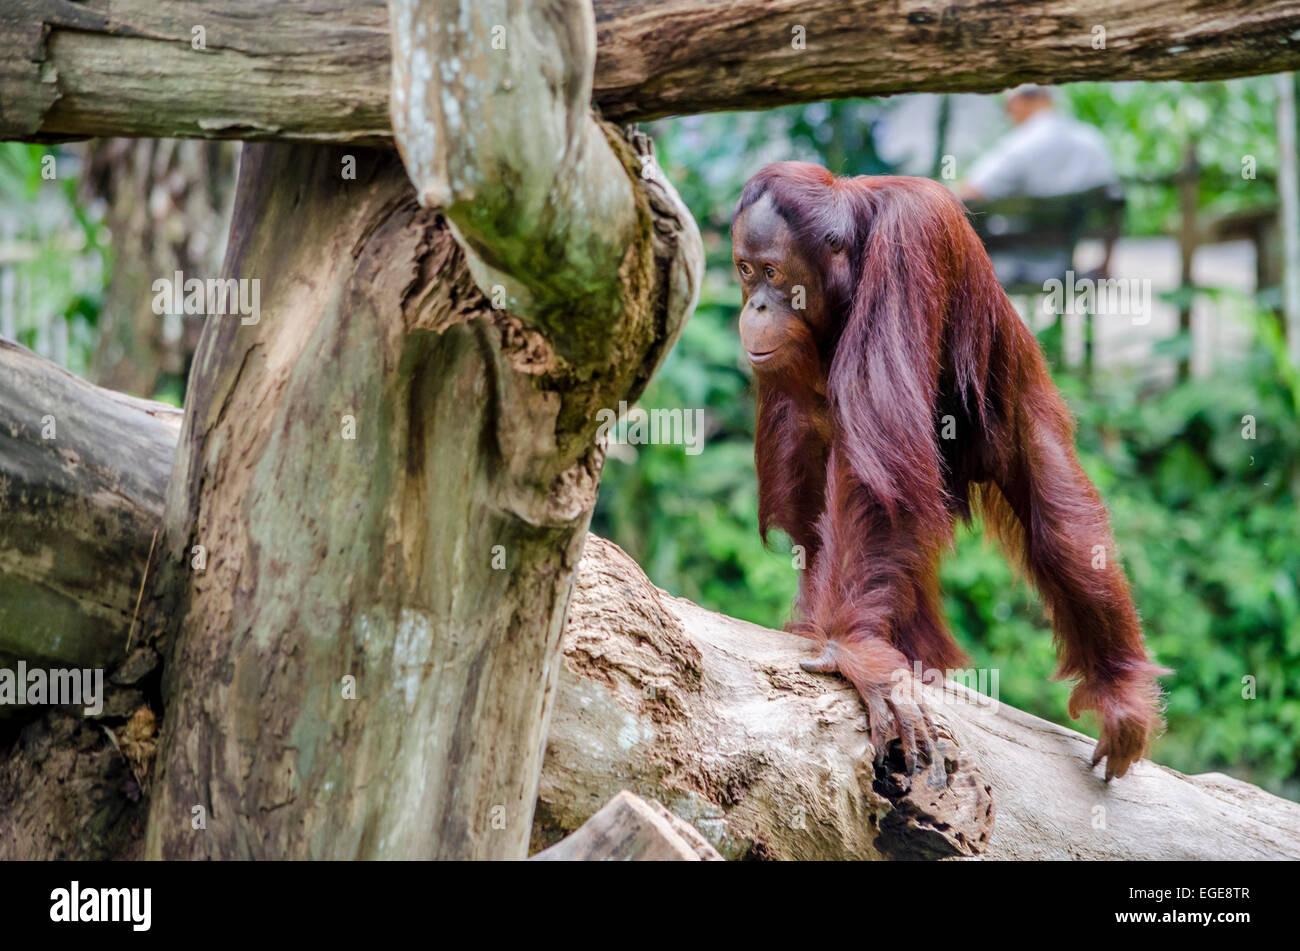 Giovani orangutan in uno zoo a camminare su un tronco Immagini Stock